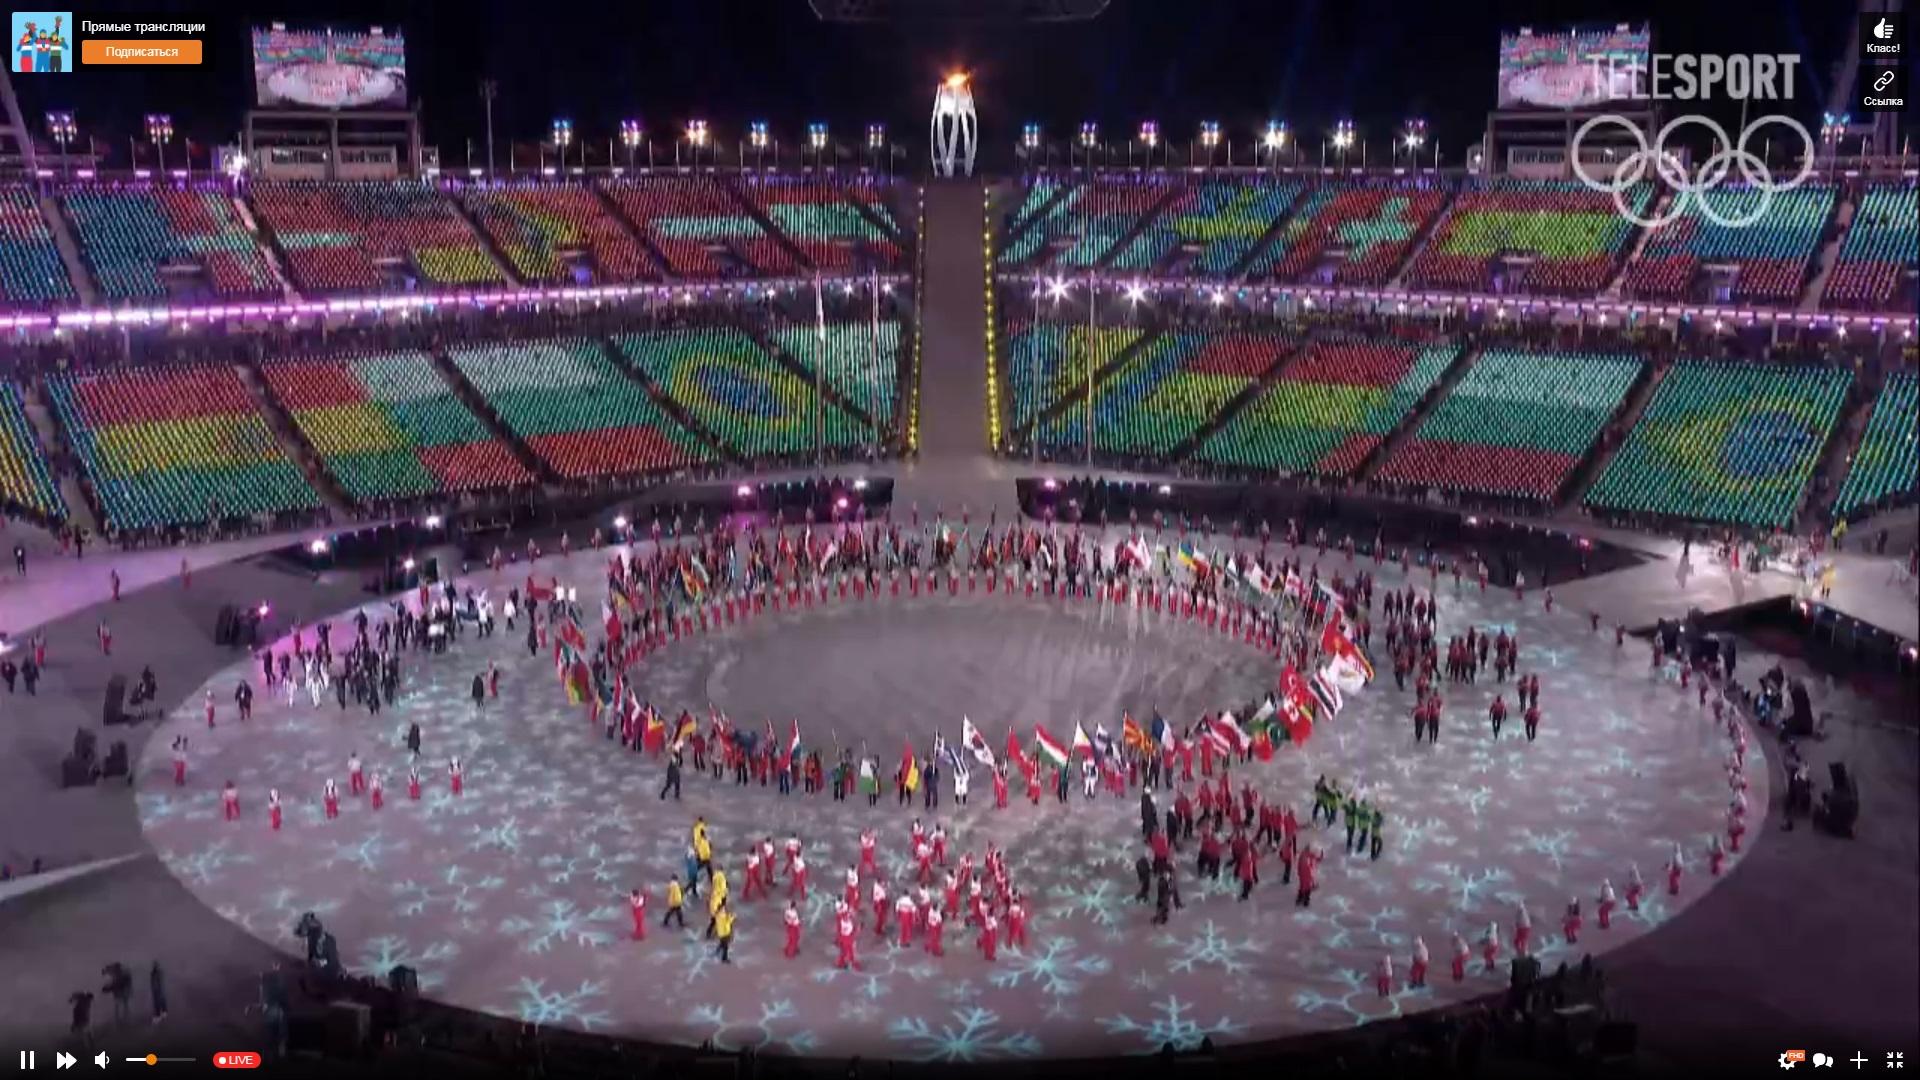 Все спортсмены собрались в центре круга